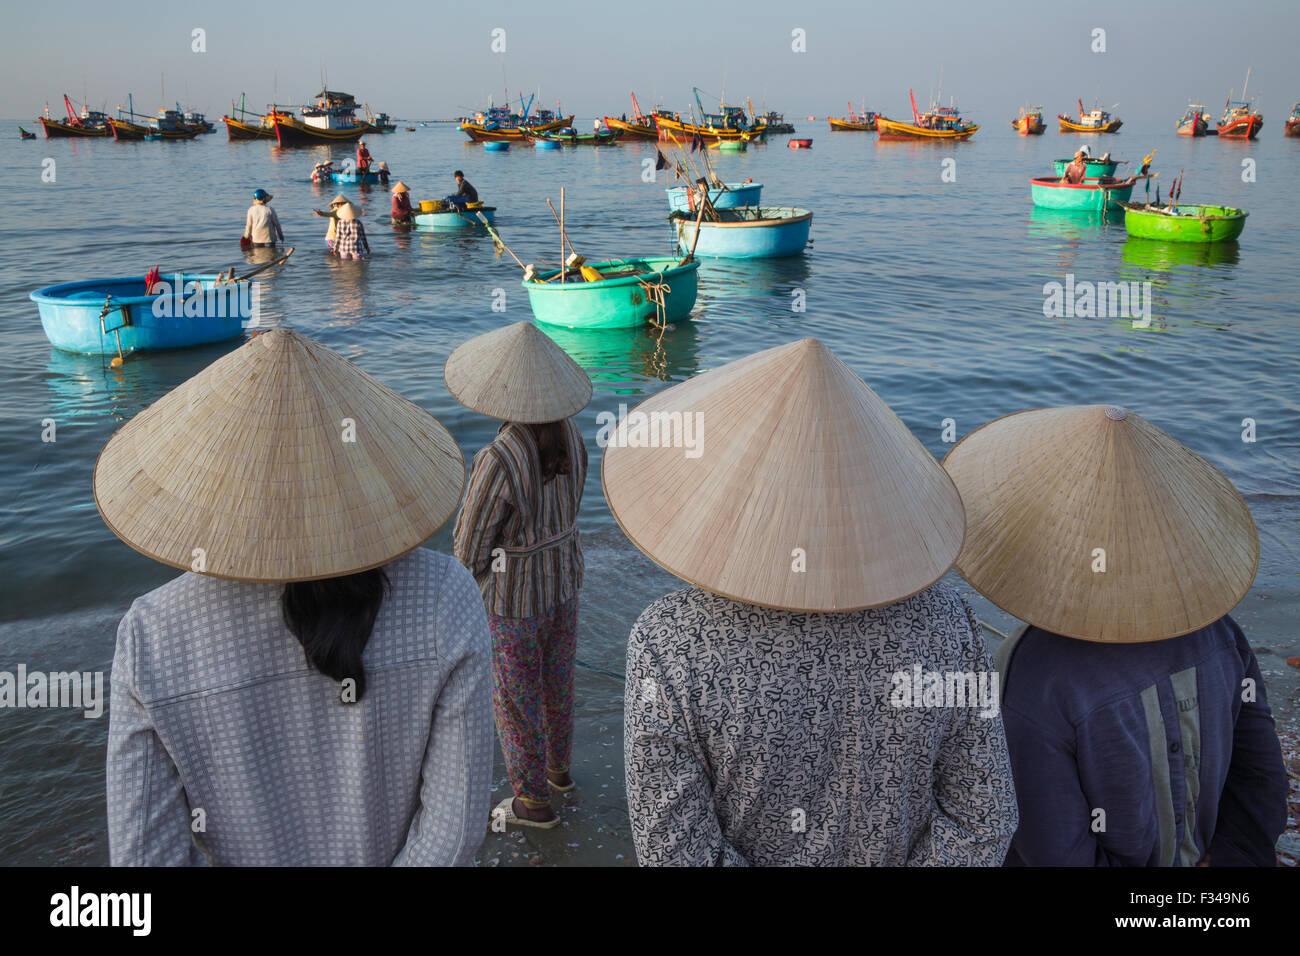 Onorevoli colleghe in attesa di sbarco delle catture, Mui Ne villaggio di pescatori, Bình Thuận Provincia, Immagini Stock